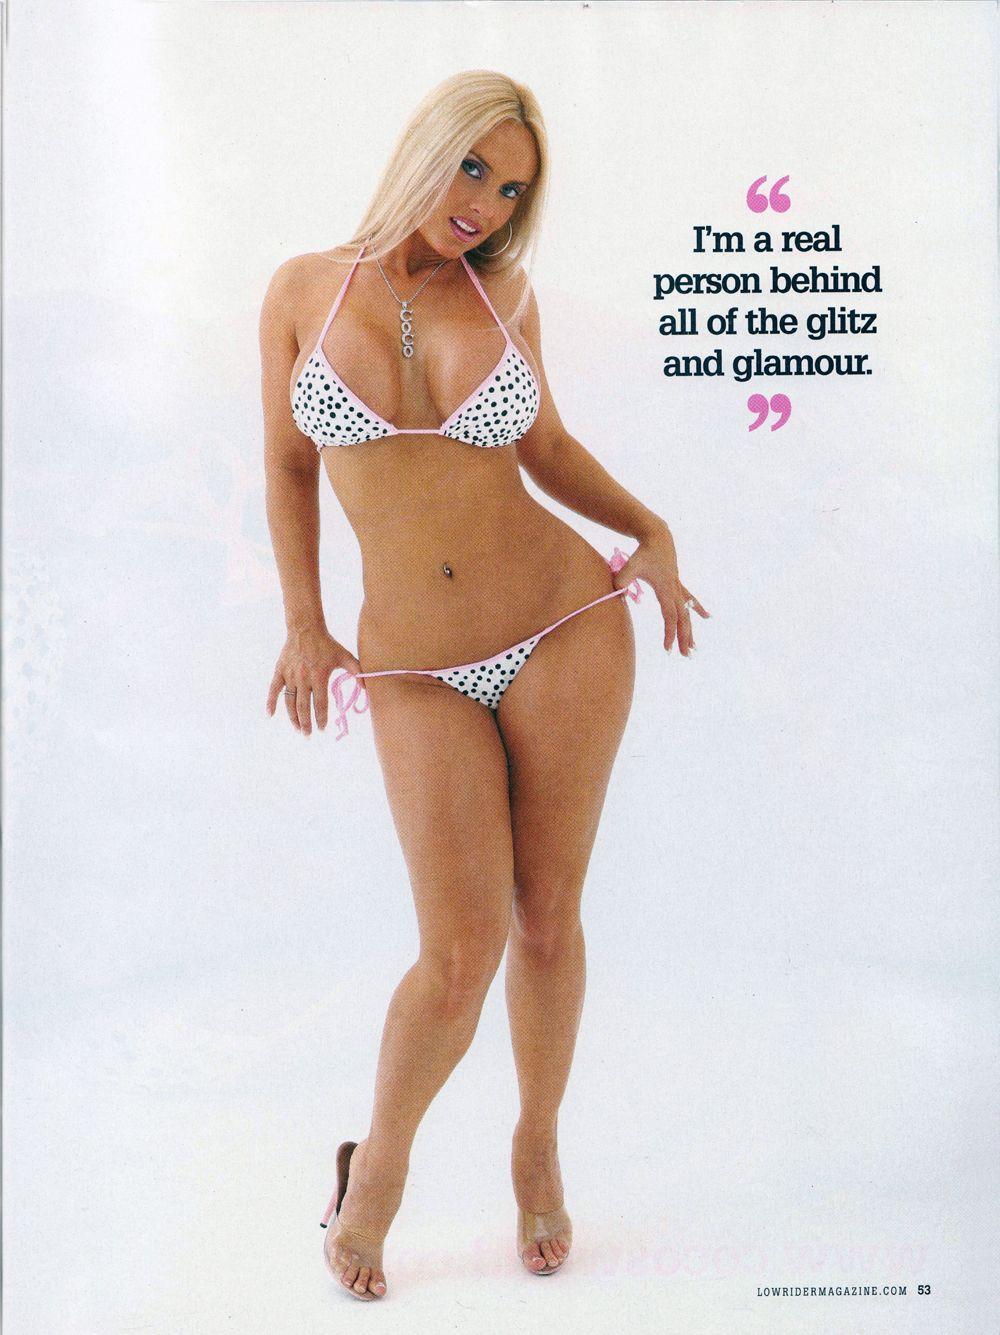 naked (81 photo), Hot Celebrity photo